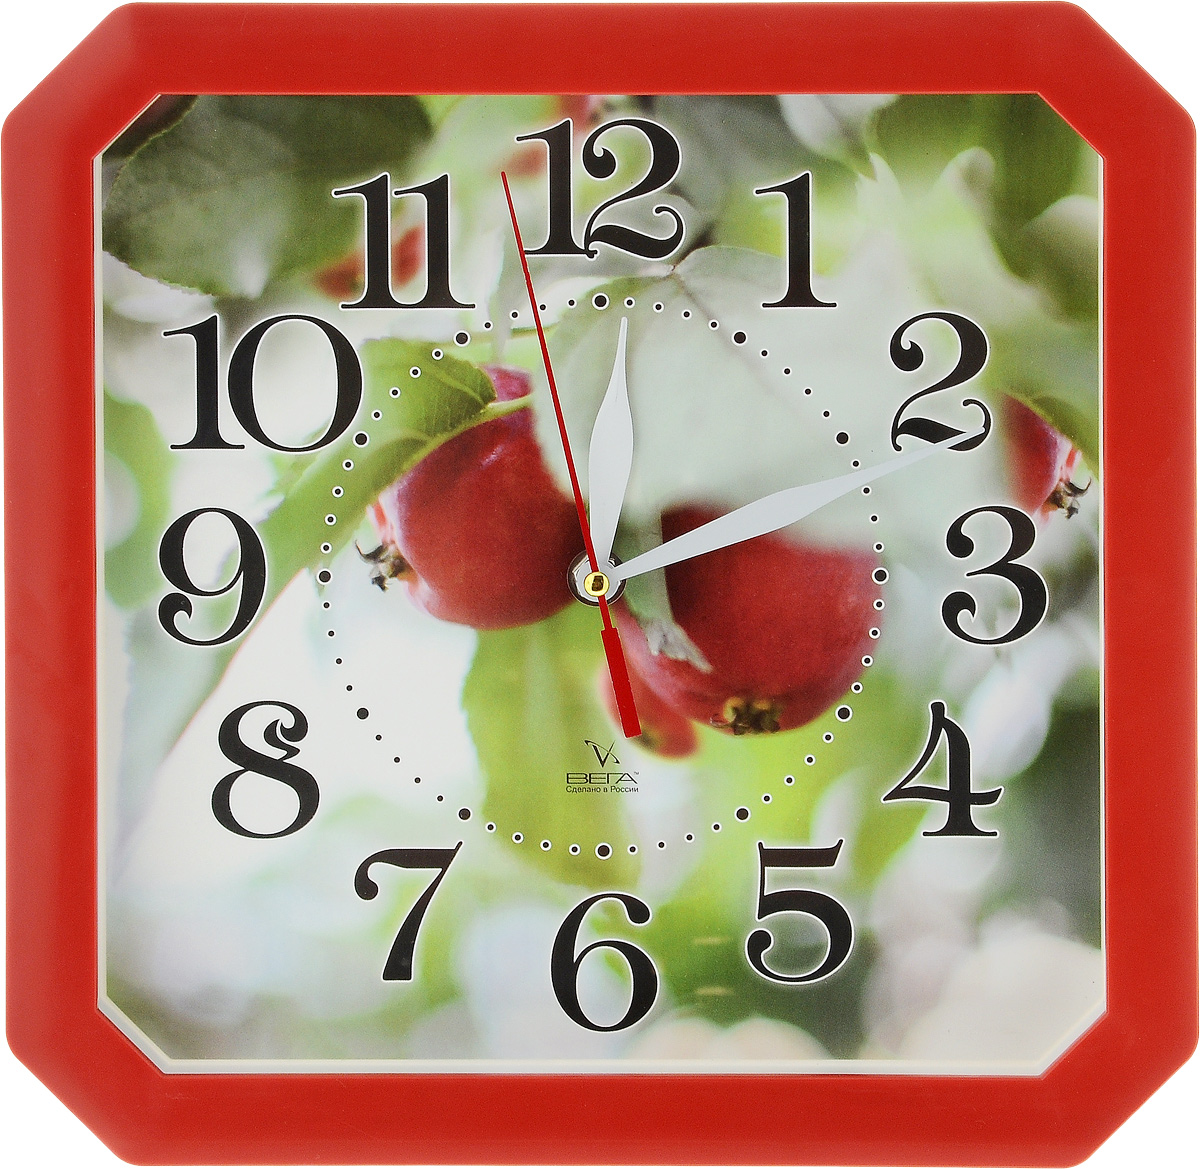 Часы настенные Вега Ранетки, 27,7 х 27,3 смП1-8/6-208Настенные кварцевые часы Вега Ранетки, изготовленные из пластика, прекрасно впишутся в интерьер вашего дома. Часы имеют три стрелки: часовую, минутную и секундную, циферблат защищен прозрачным стеклом. Часы работают от 1 батарейки типа АА напряжением 1,5 В (не входит в комплект). Прилагается инструкция по эксплуатации.